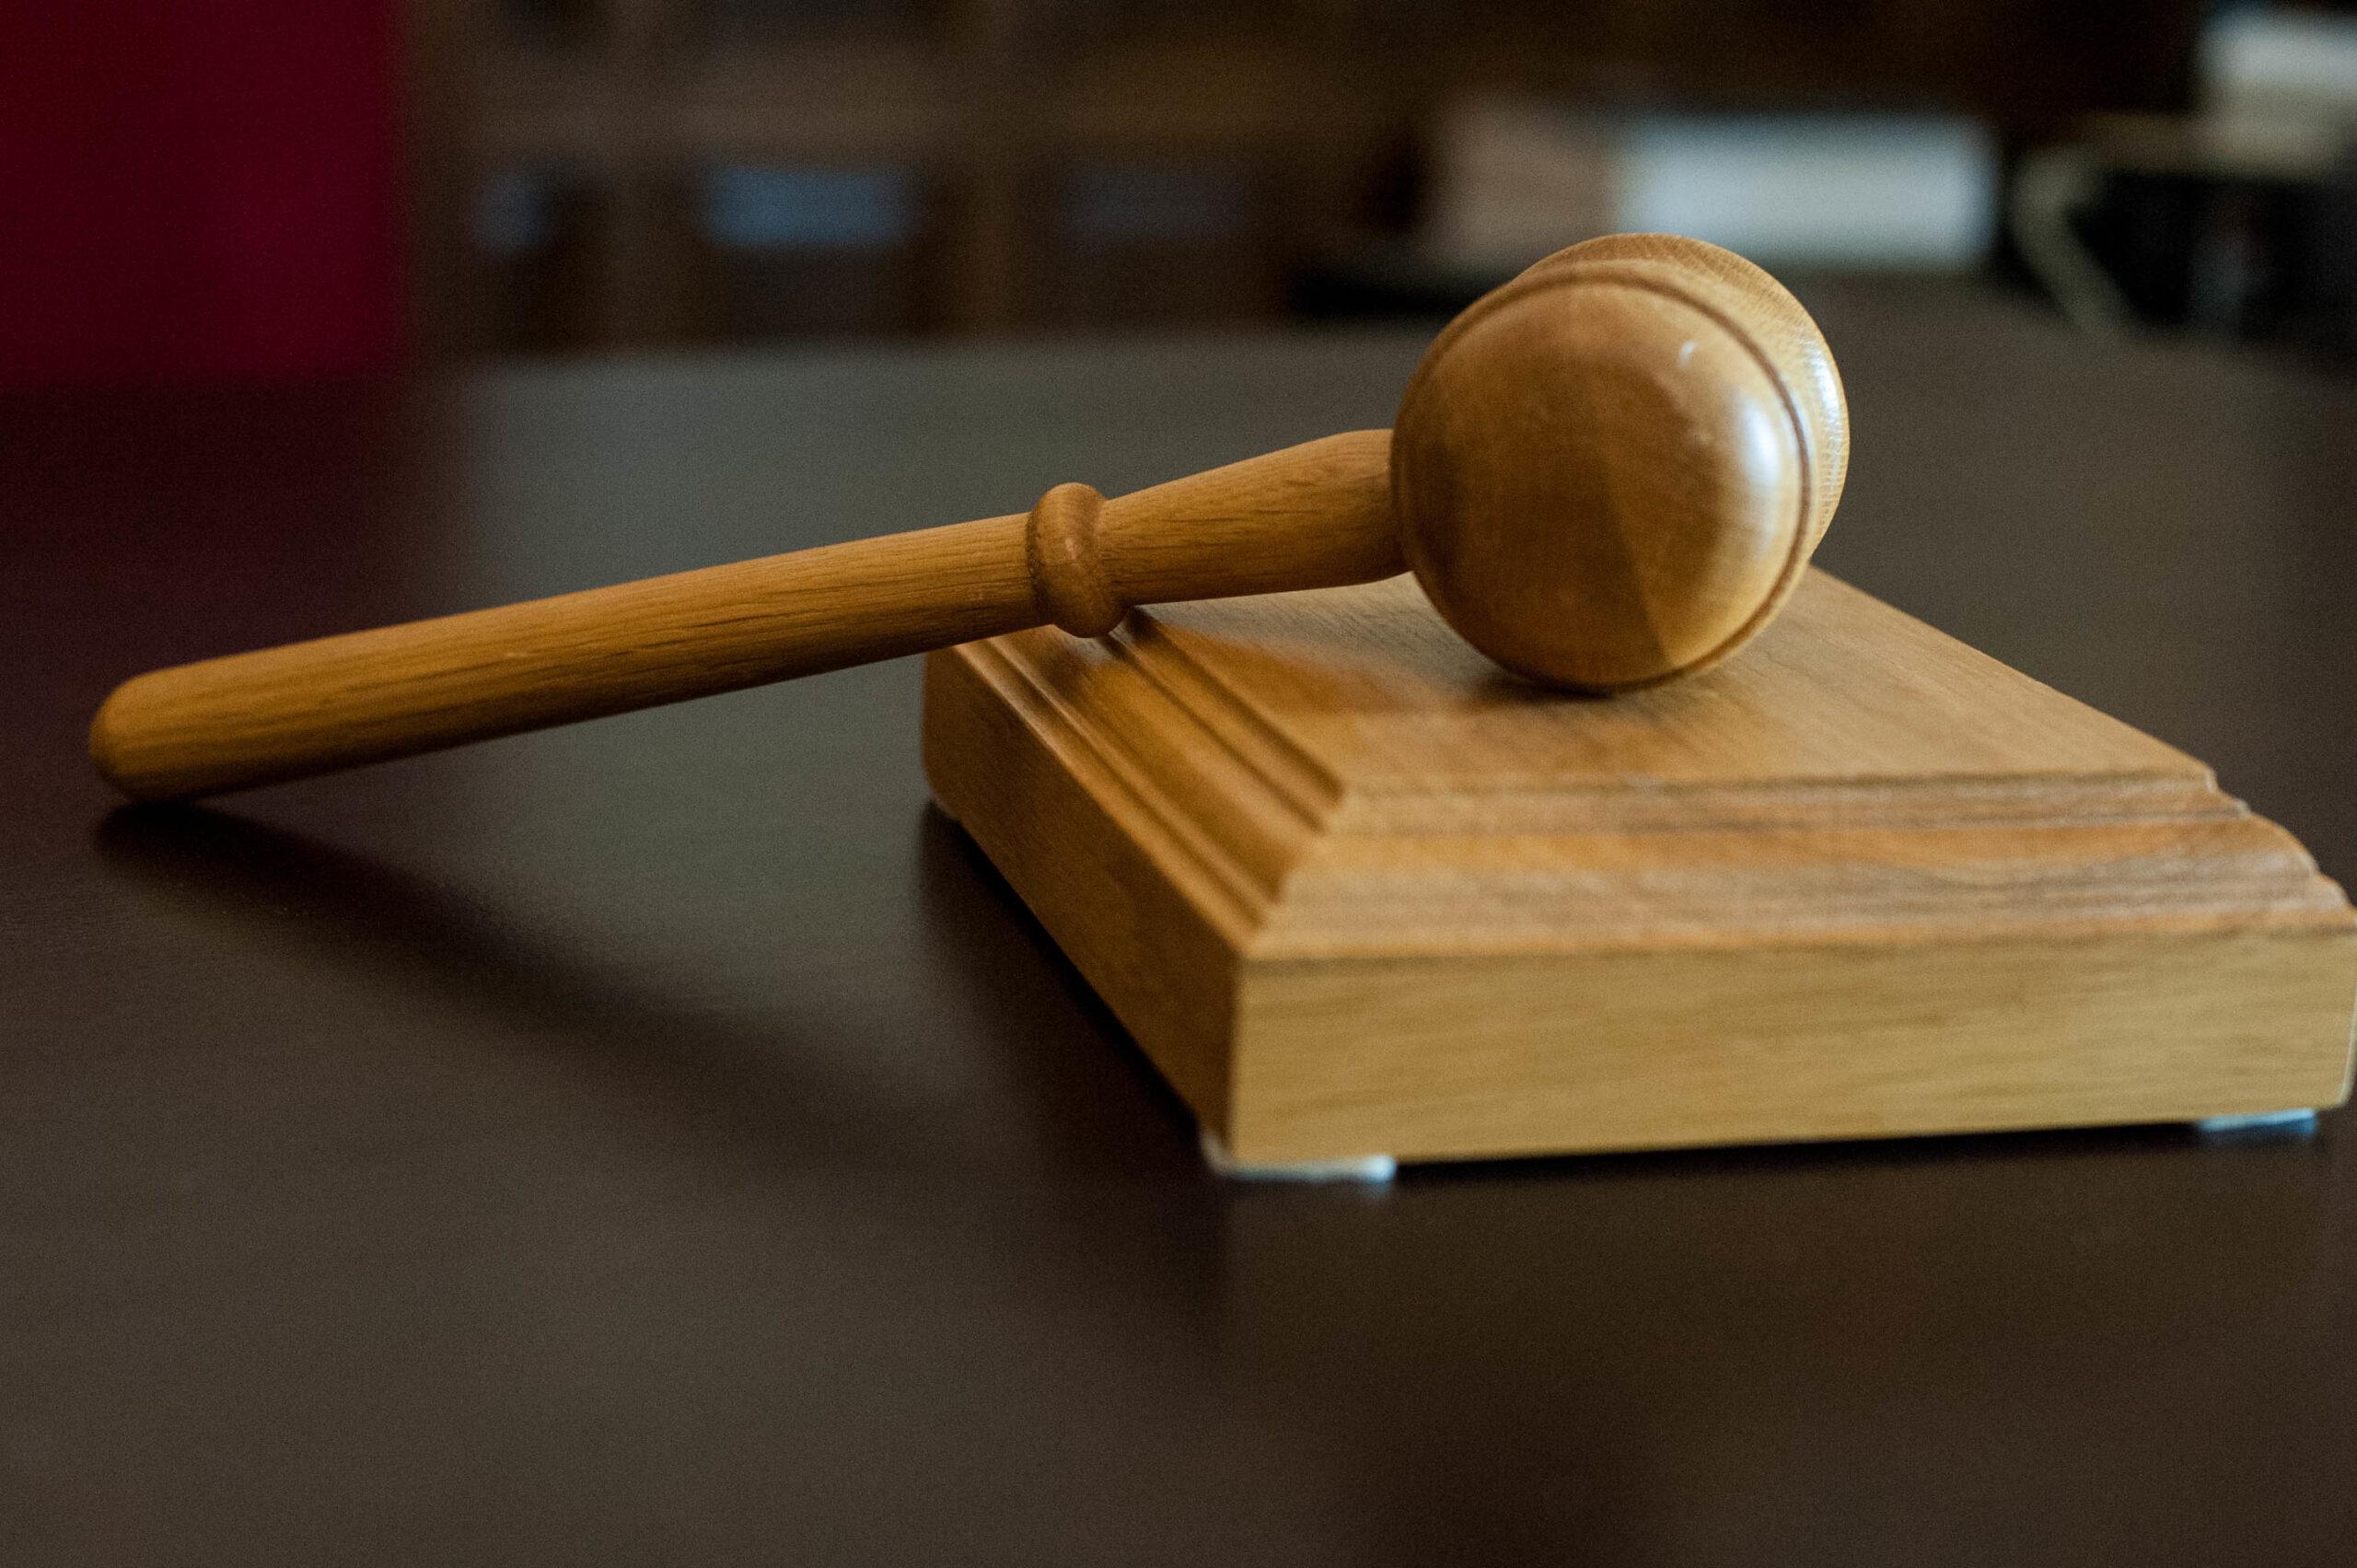 Sąd we Wrocławiu uznał, że gwałtu nie było, bo ofiara nie krzyczała. Ziobro interweniuje